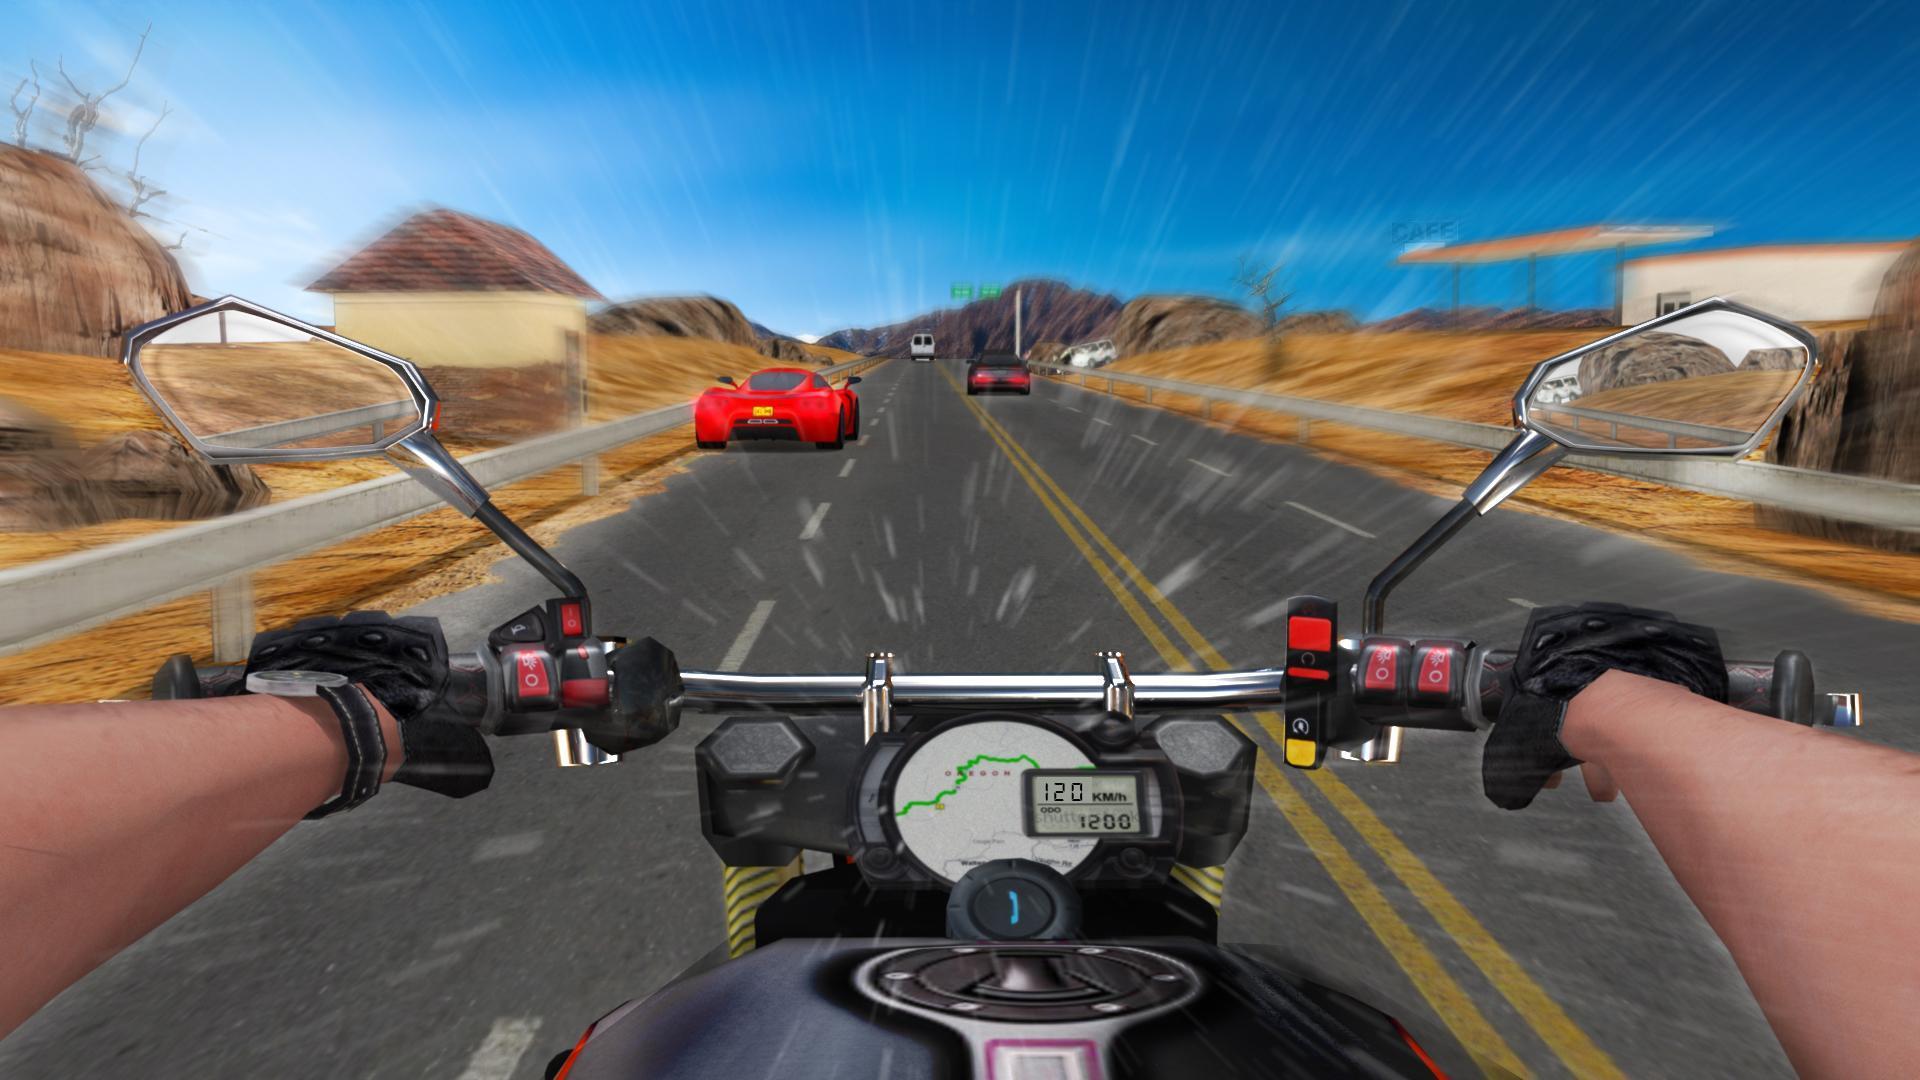 скачать взломанную игру traffic rider